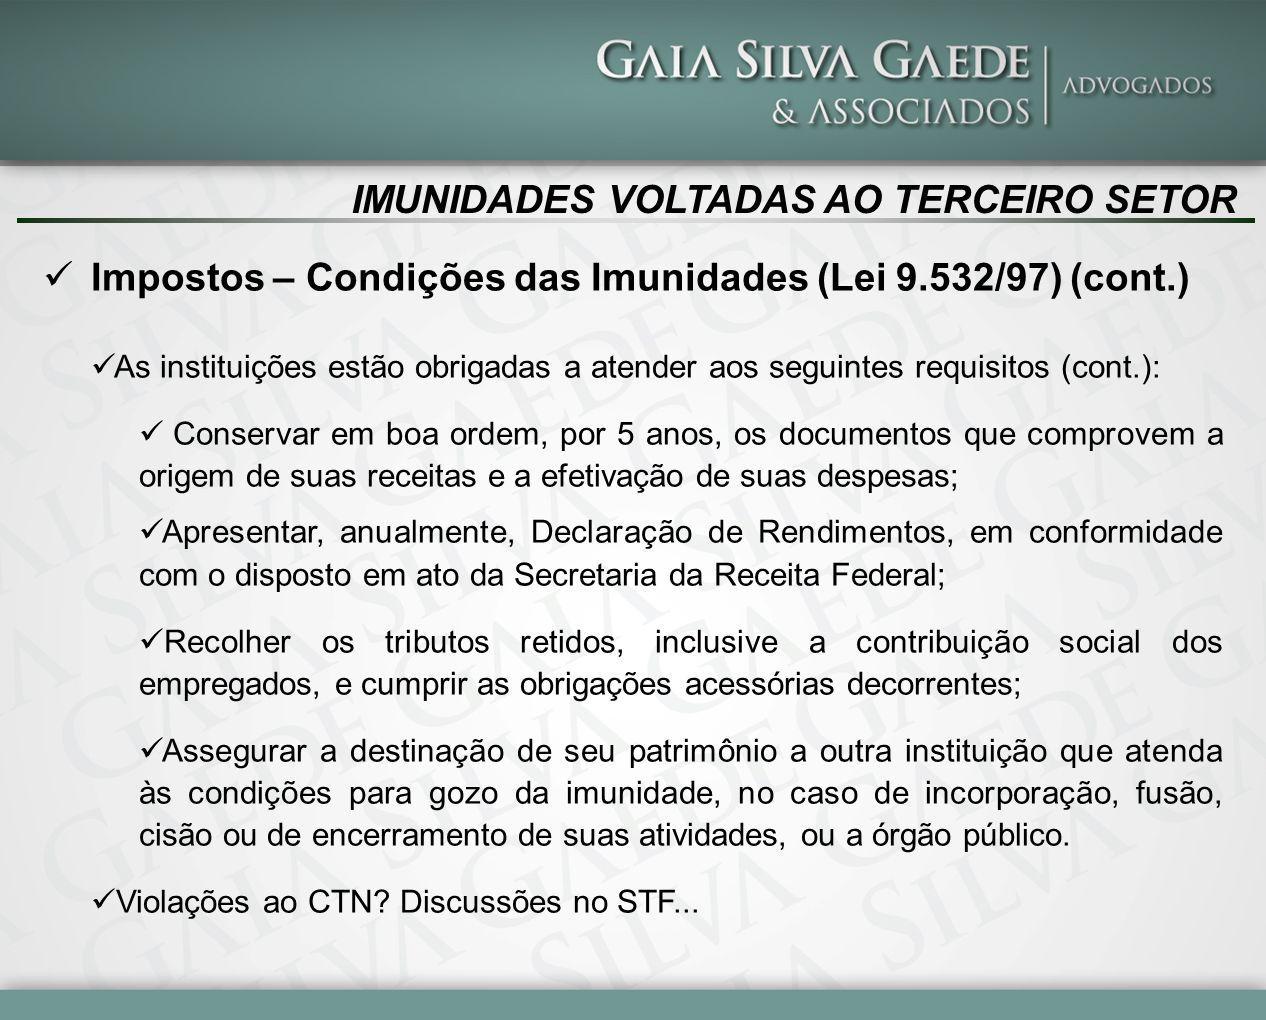 IMUNIDADES VOLTADAS AO TERCEIRO SETOR